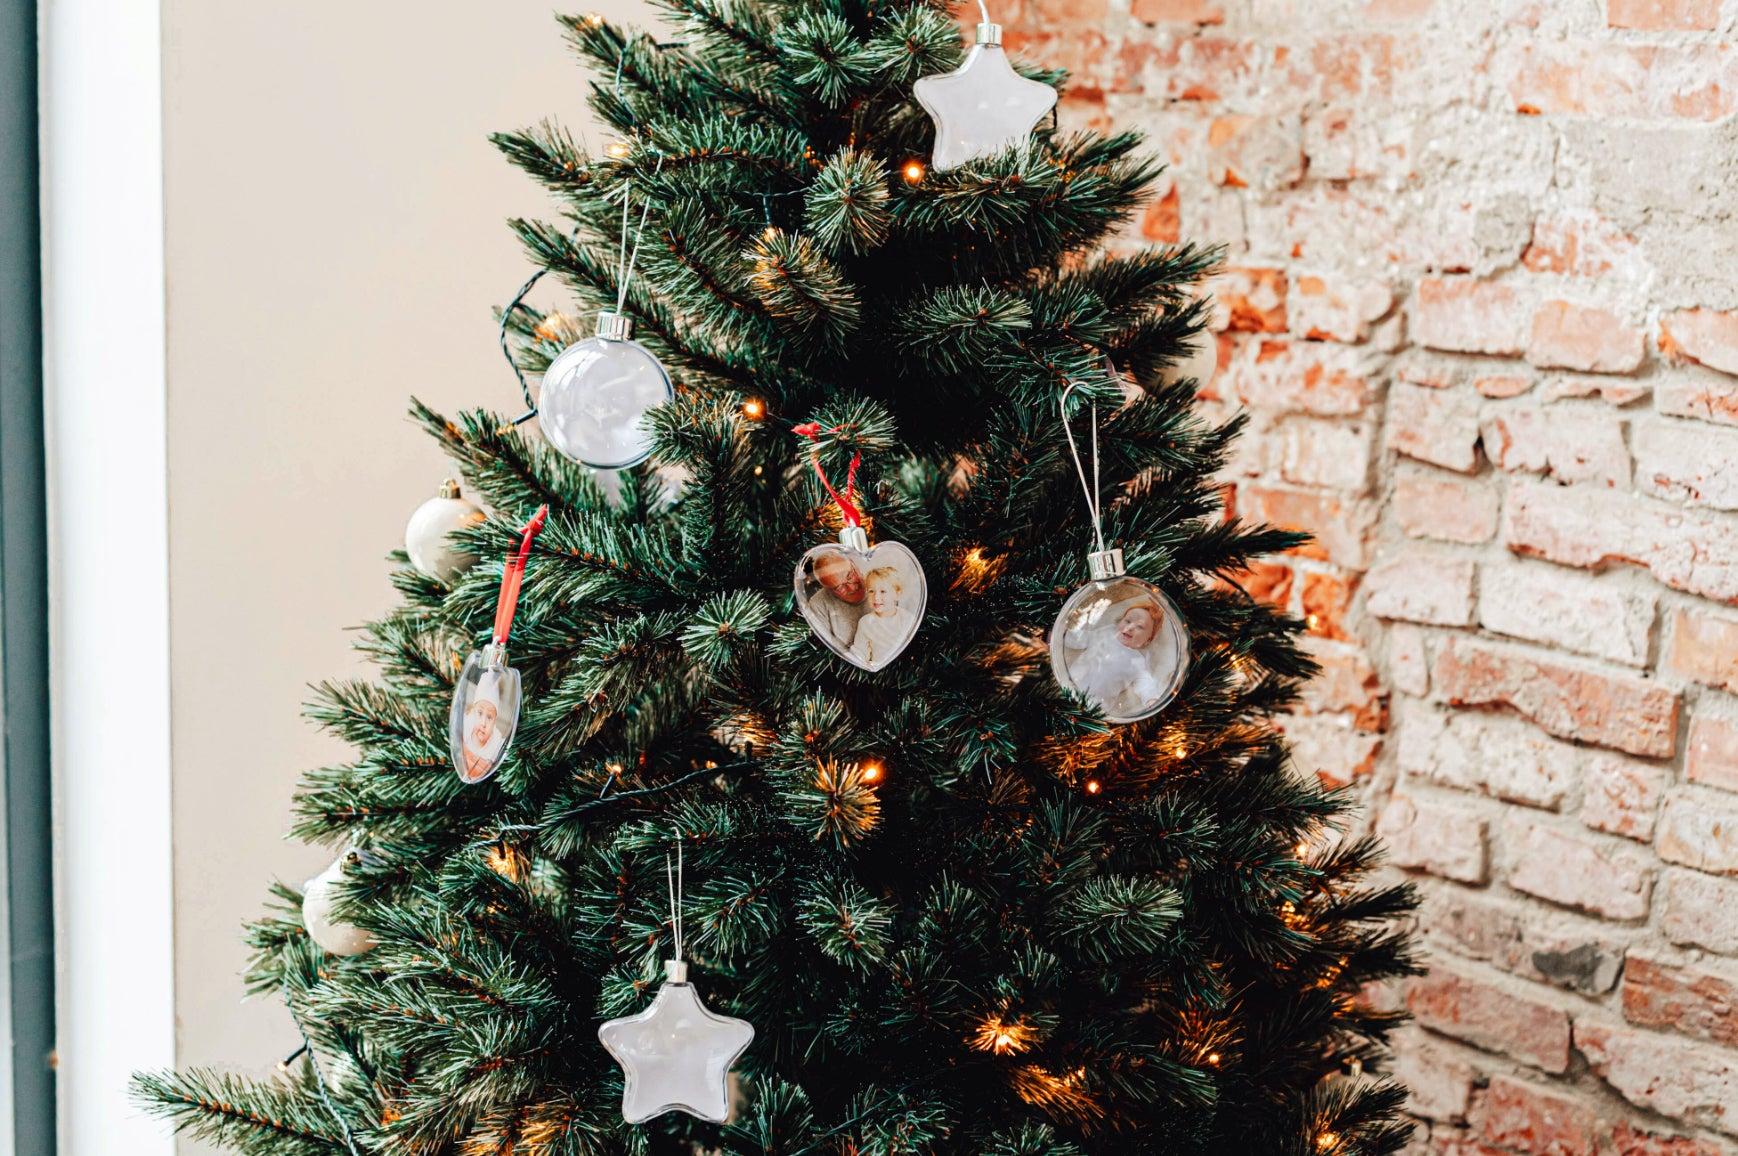 À la recherche d'un cadeau original pour Noël ?